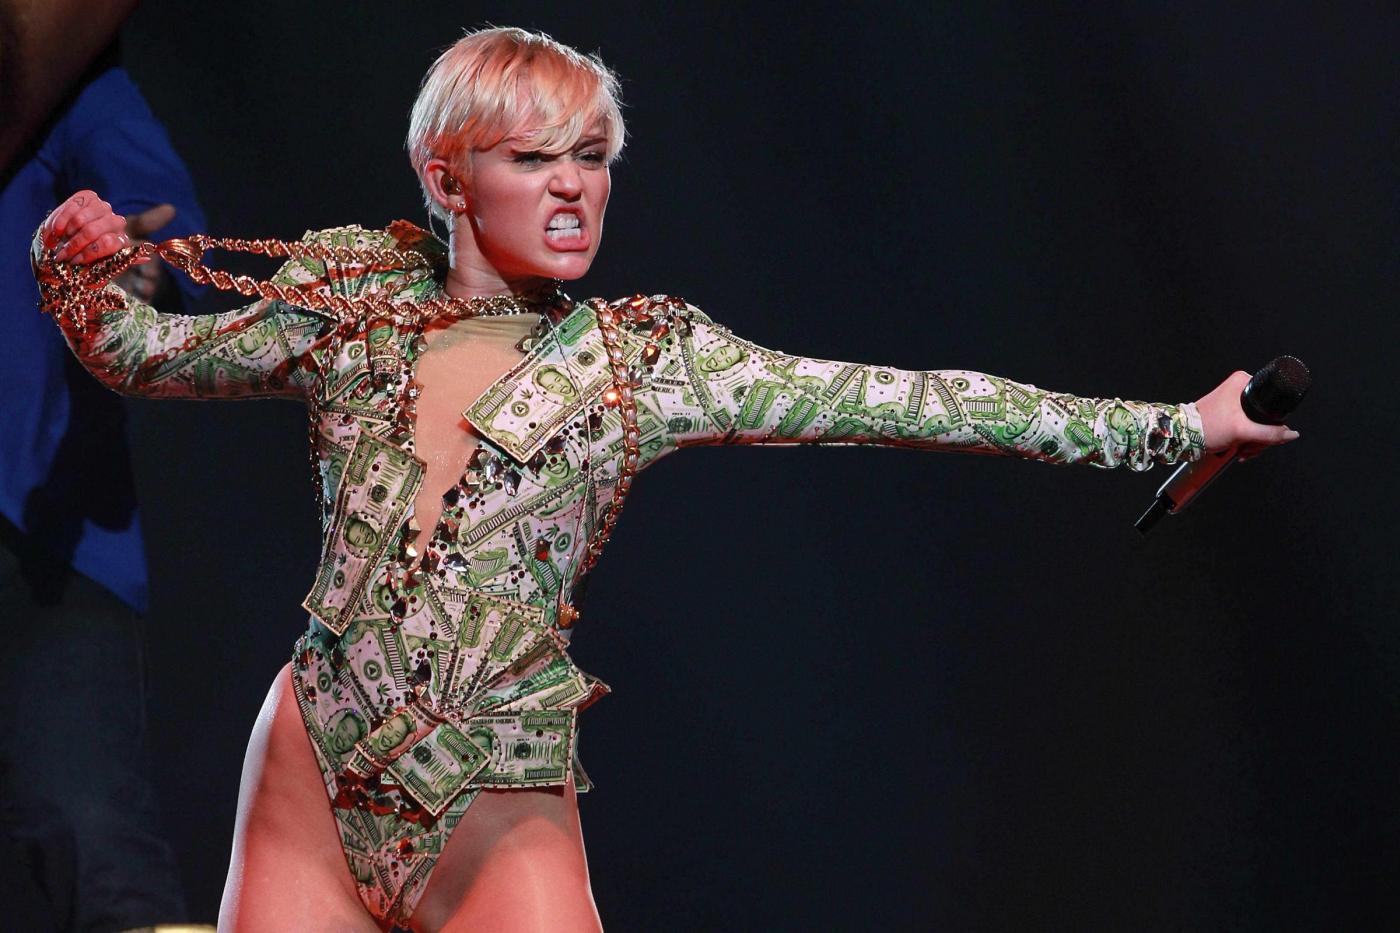 Miley Cyrus in Messico rischia il carcere: fa Twerking con la bandiera messicana